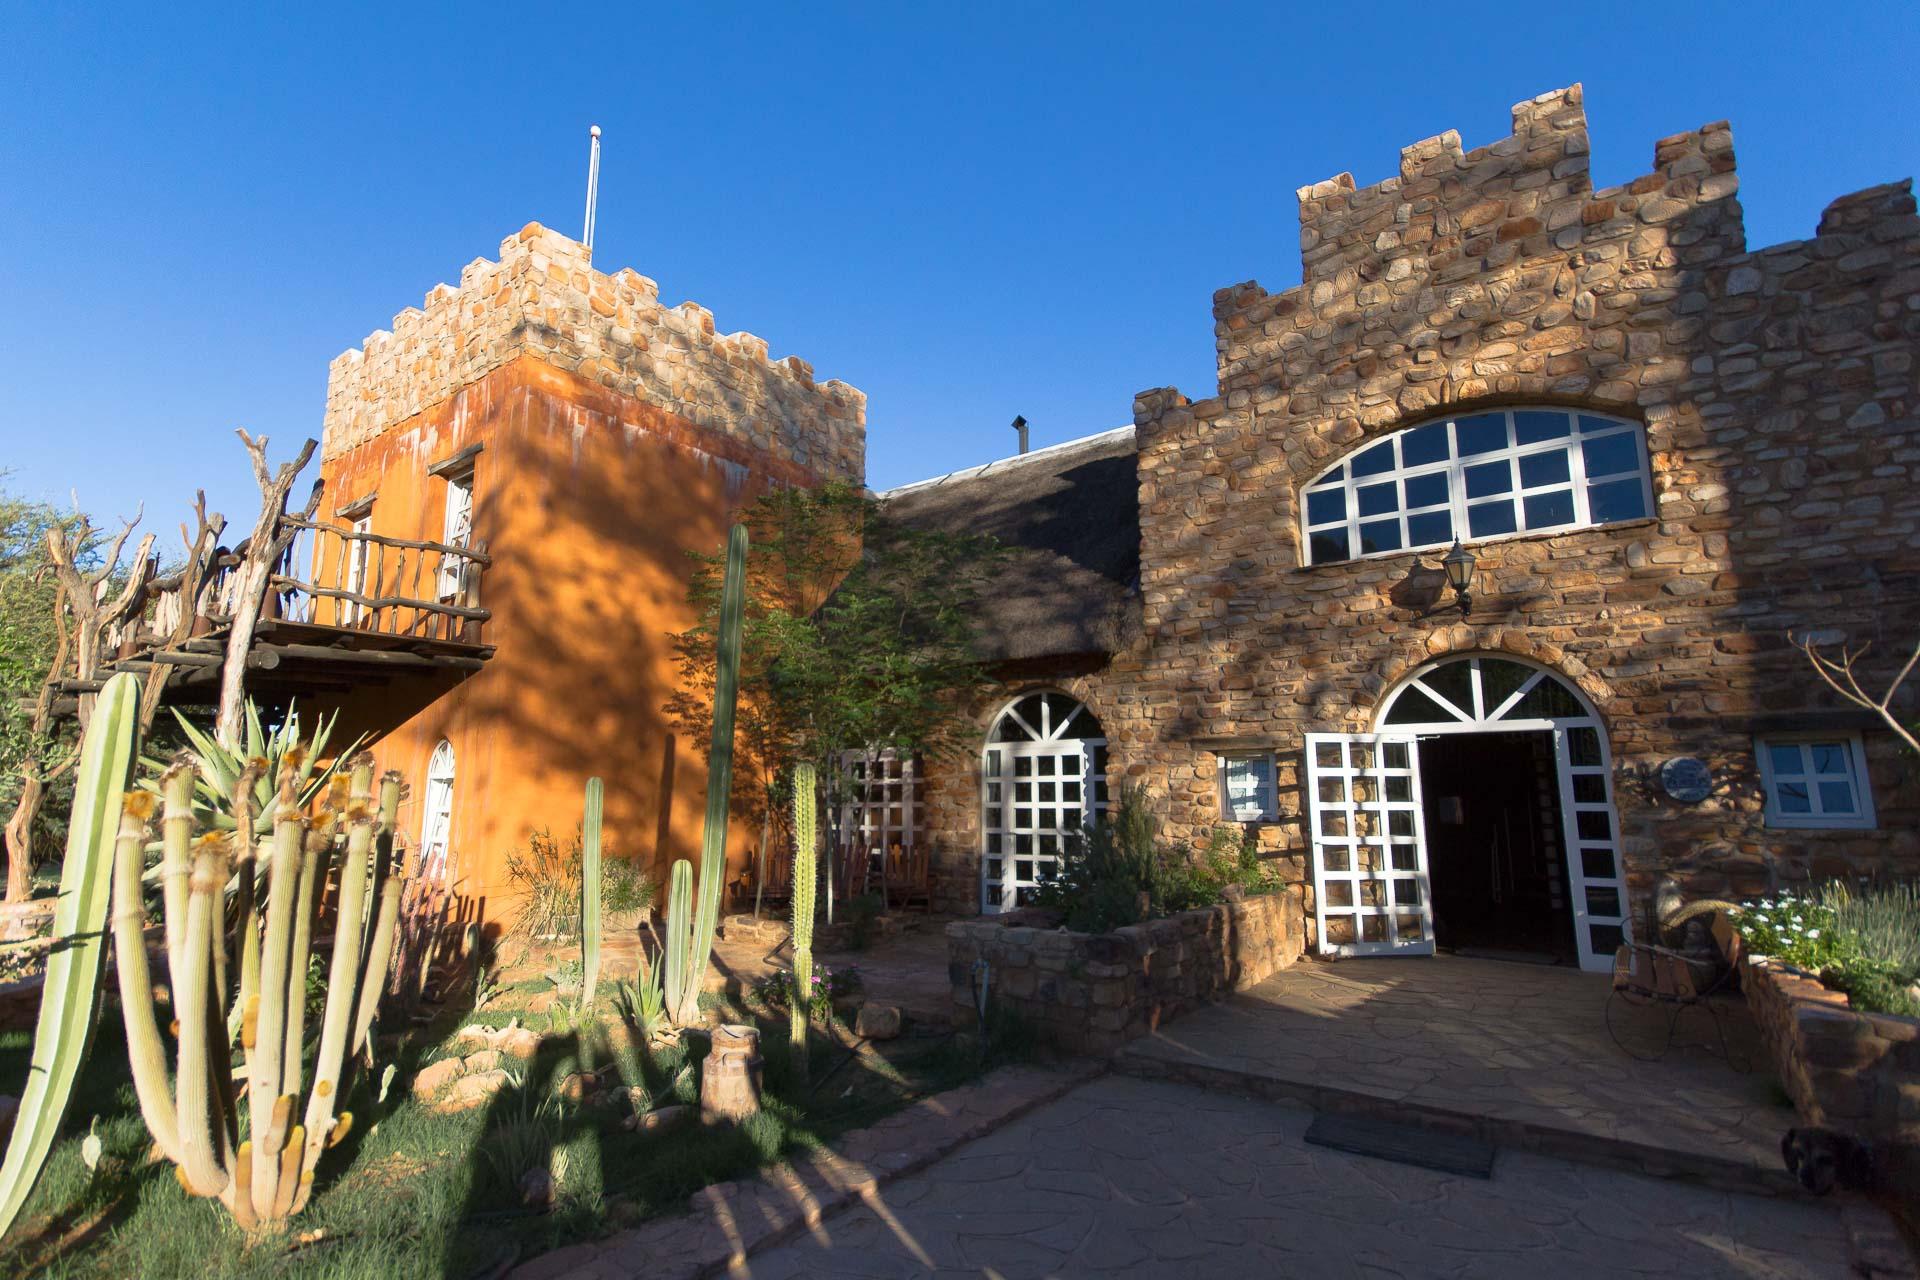 Das Haupthaus von außen